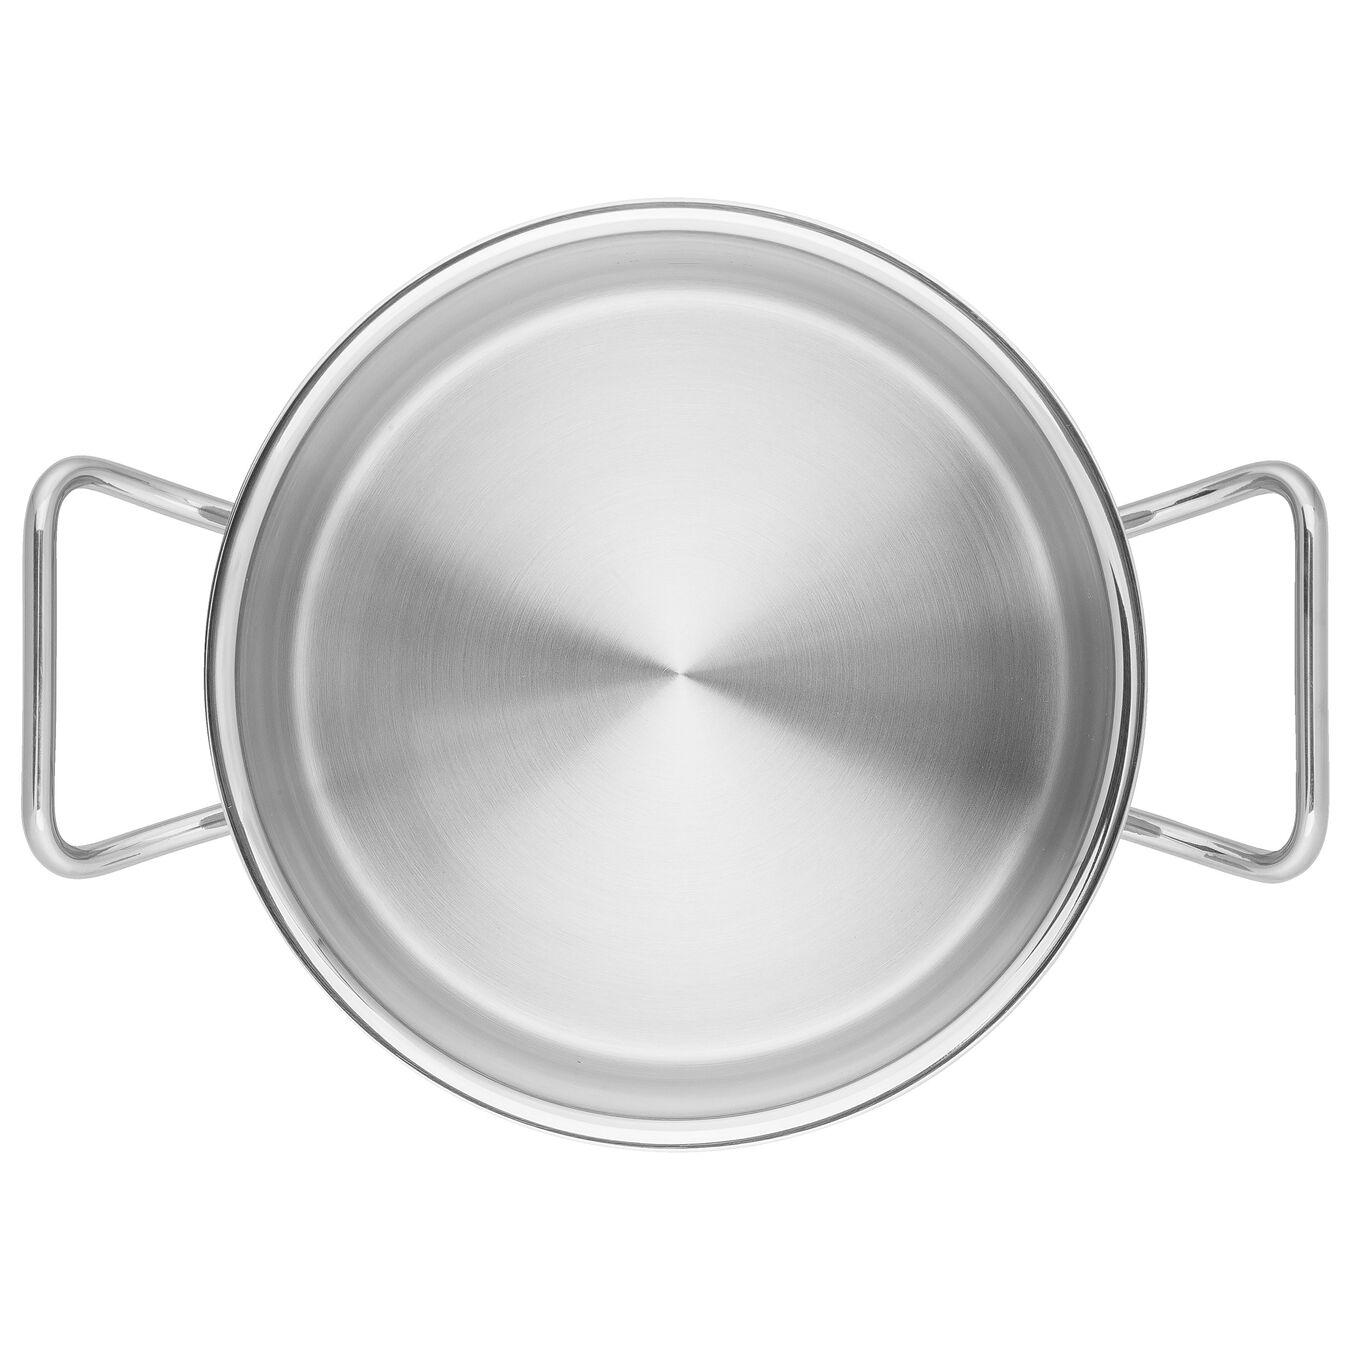 Pentola - 16 cm, acciaio,,large 6